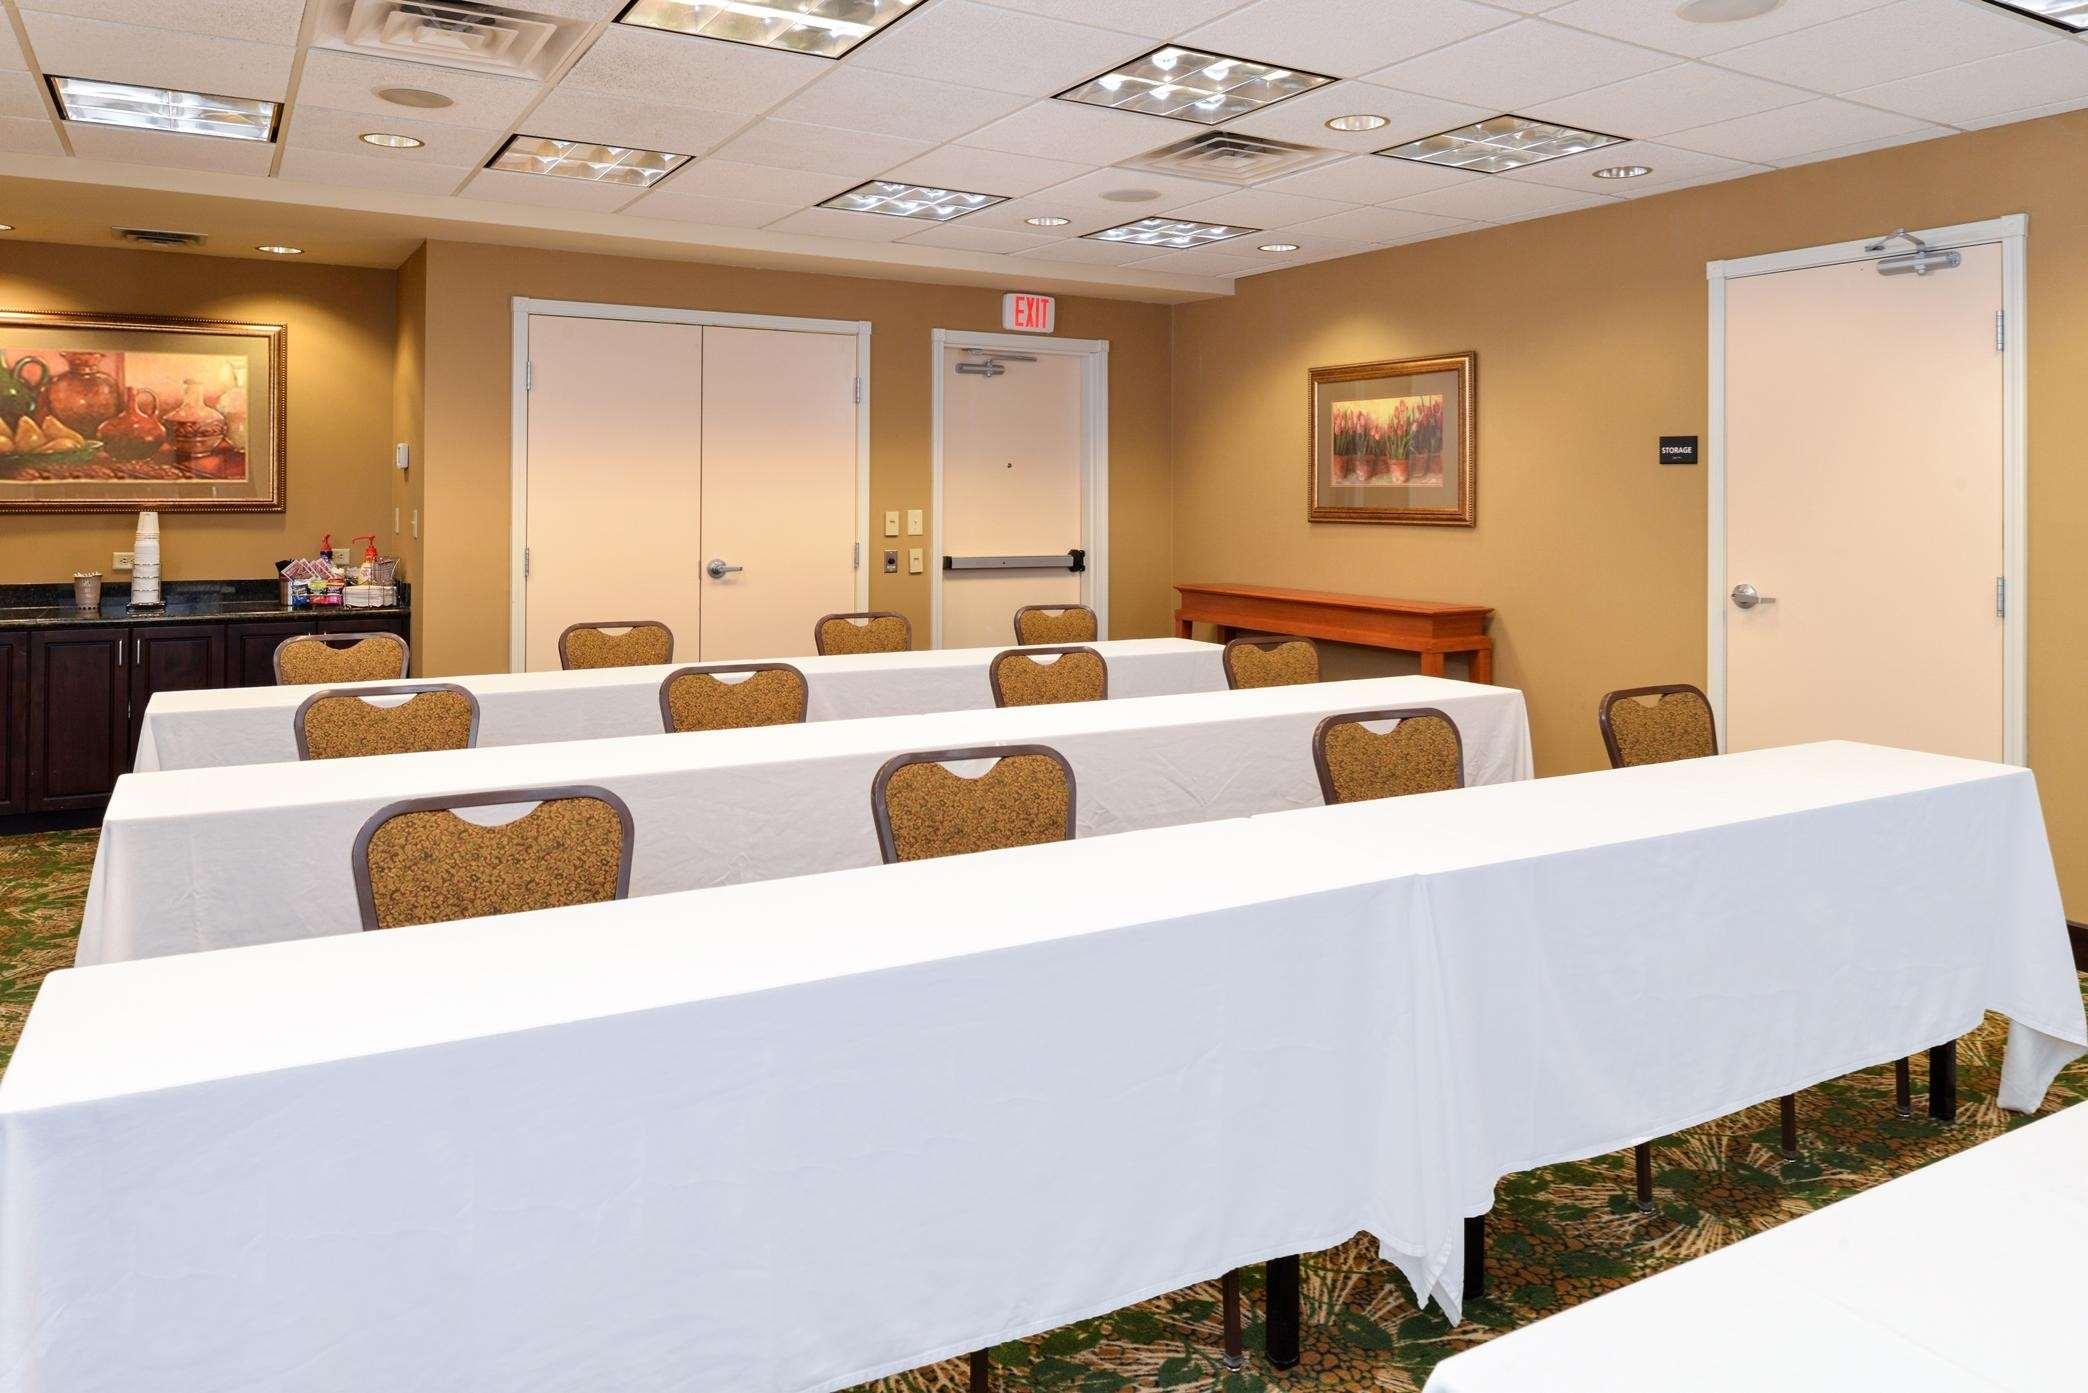 Hampton Inn & Suites Casper image 44